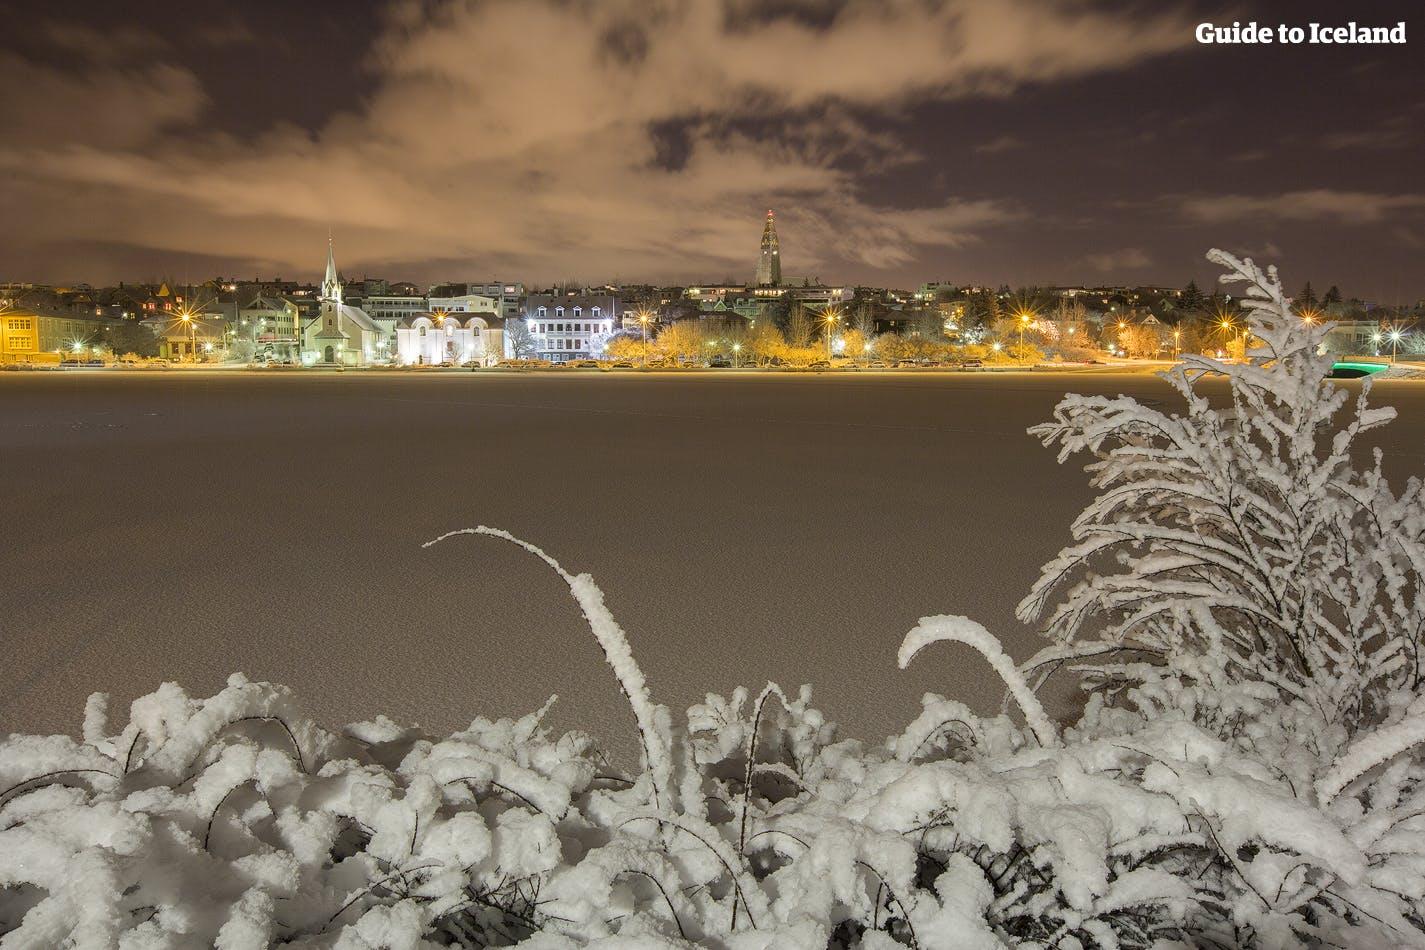 เมืองหลวงของประเทศไอซ์แลนด์ตลอดช่วงฤดูหนาวจะมีความสวยงาม และประกายแสงตรงเส้นขอบฟ้า ที่เห็นได้จากอีกฝั่งของบ่อน้ำทุยอร์นิน.